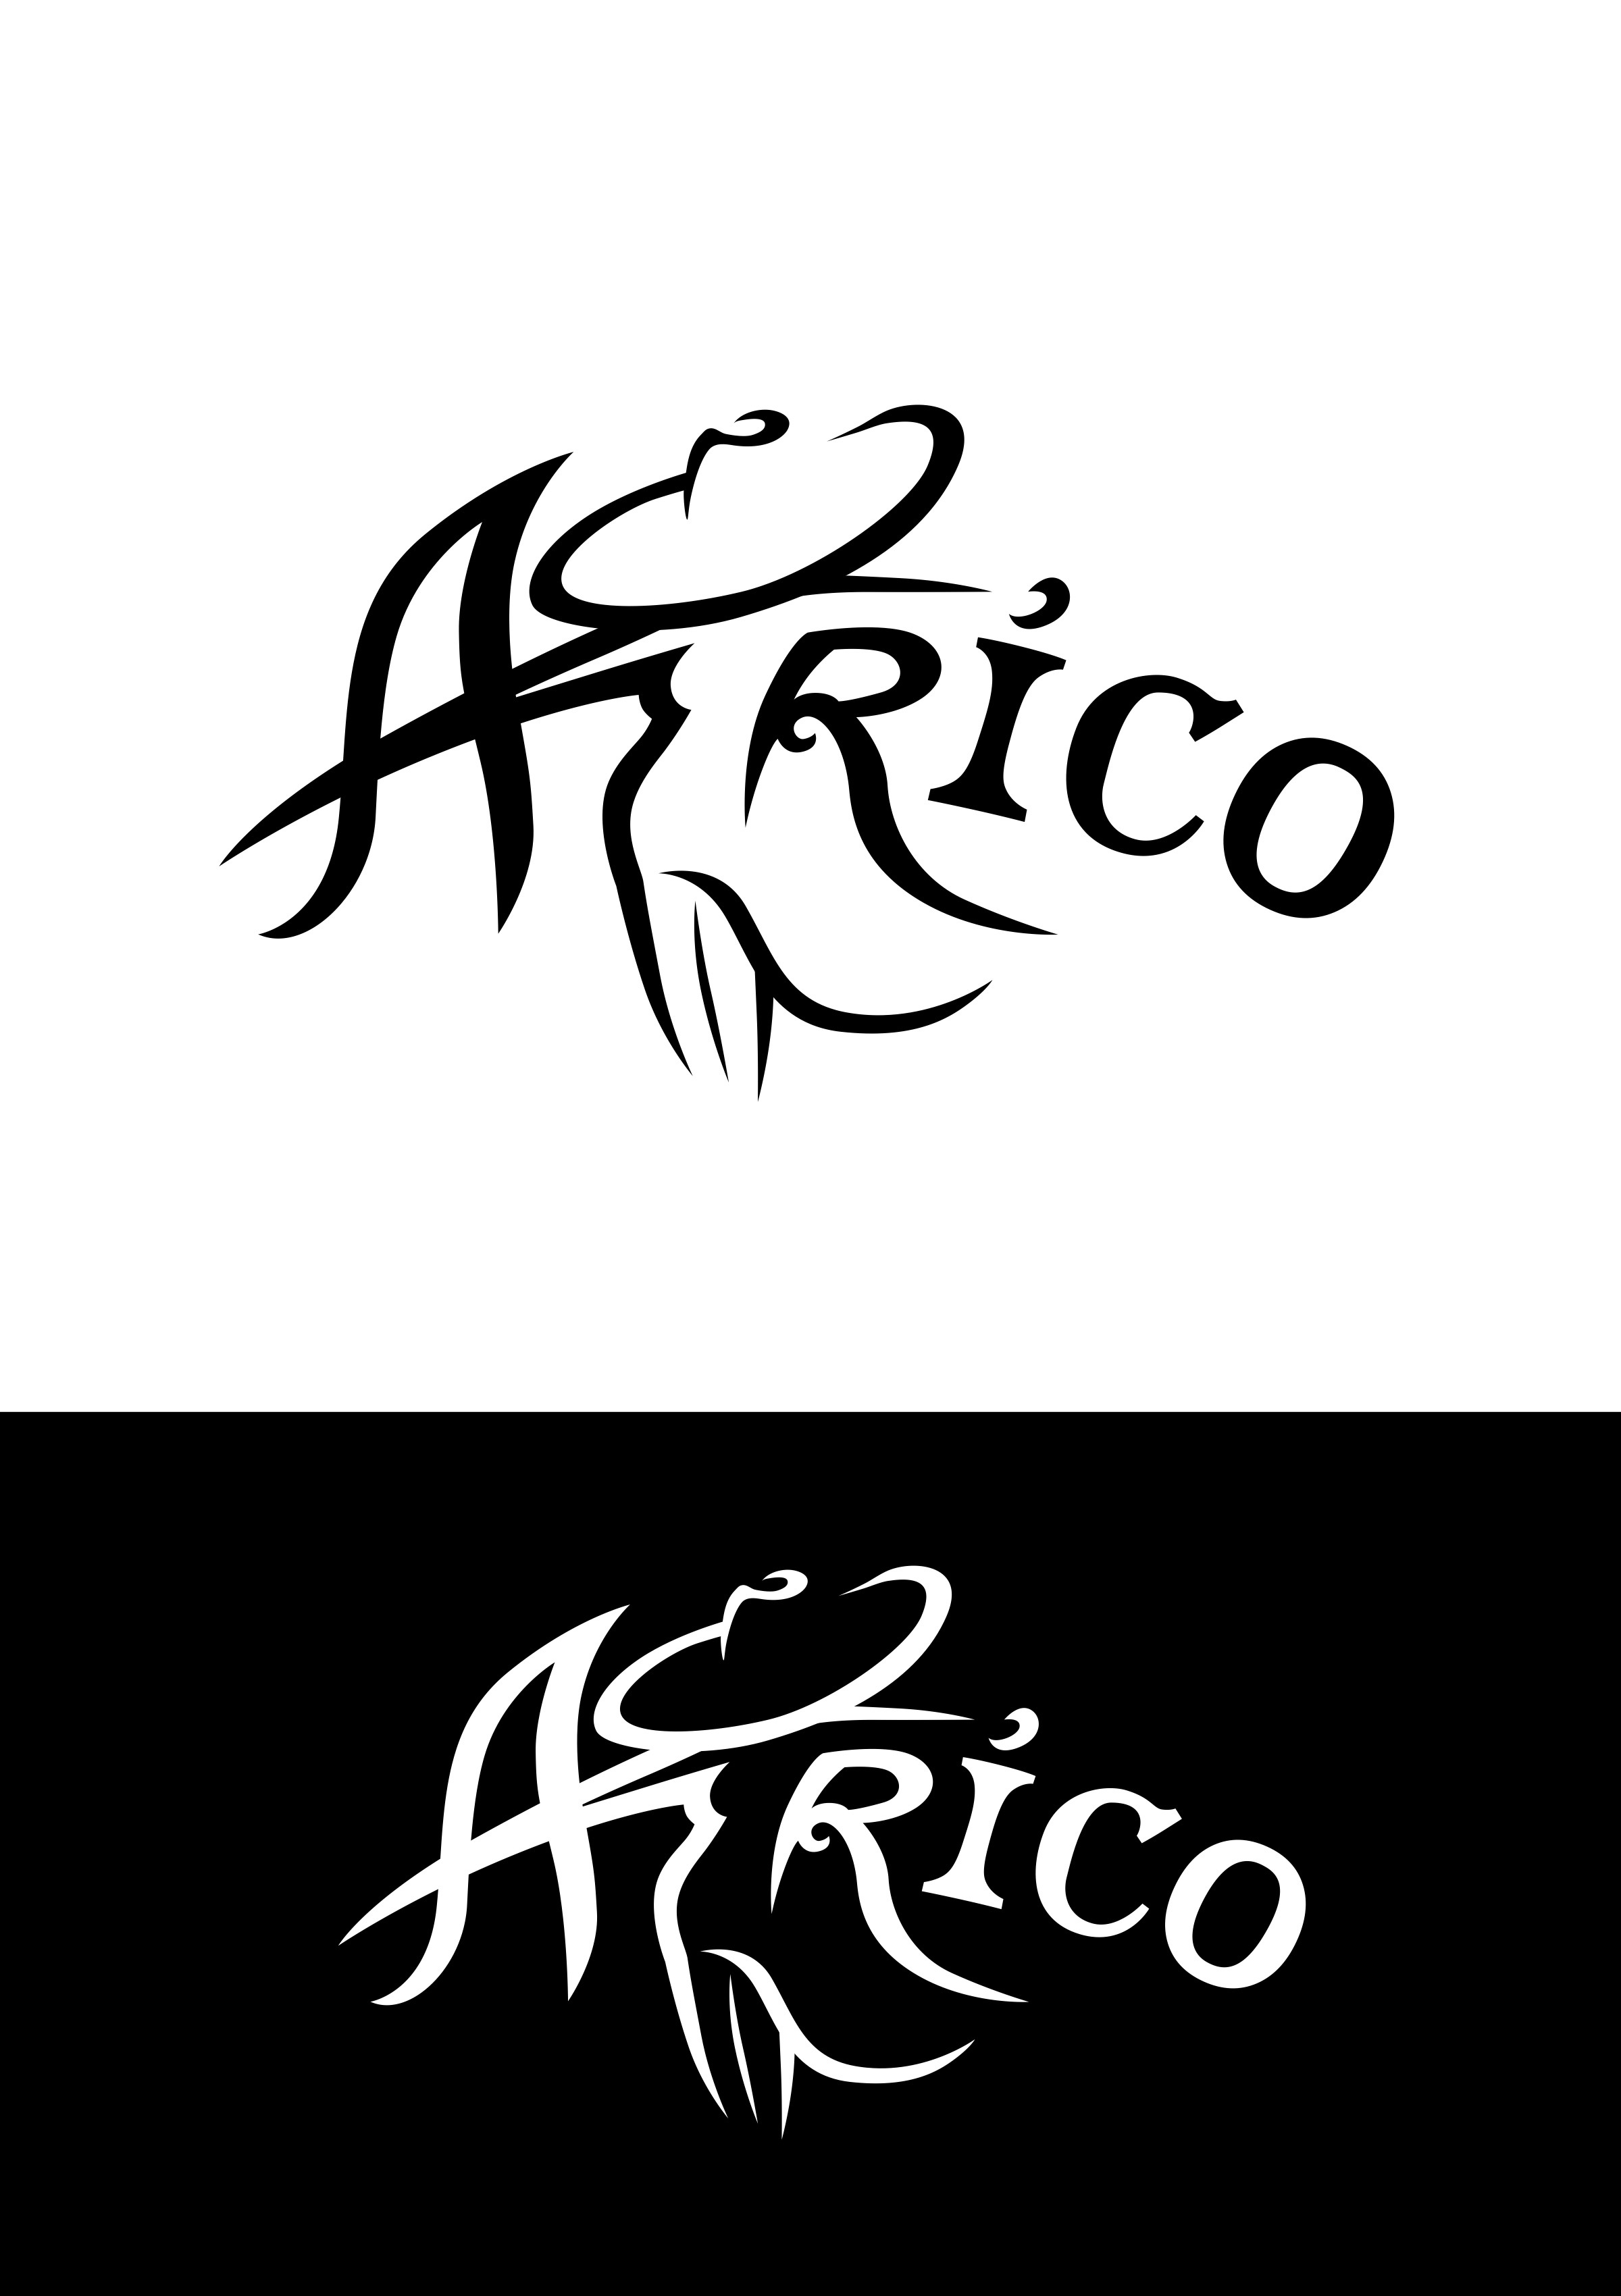 Логотип для брендовой пряжи и трикотажной одежды фото f_7526006edc2d9230.jpg